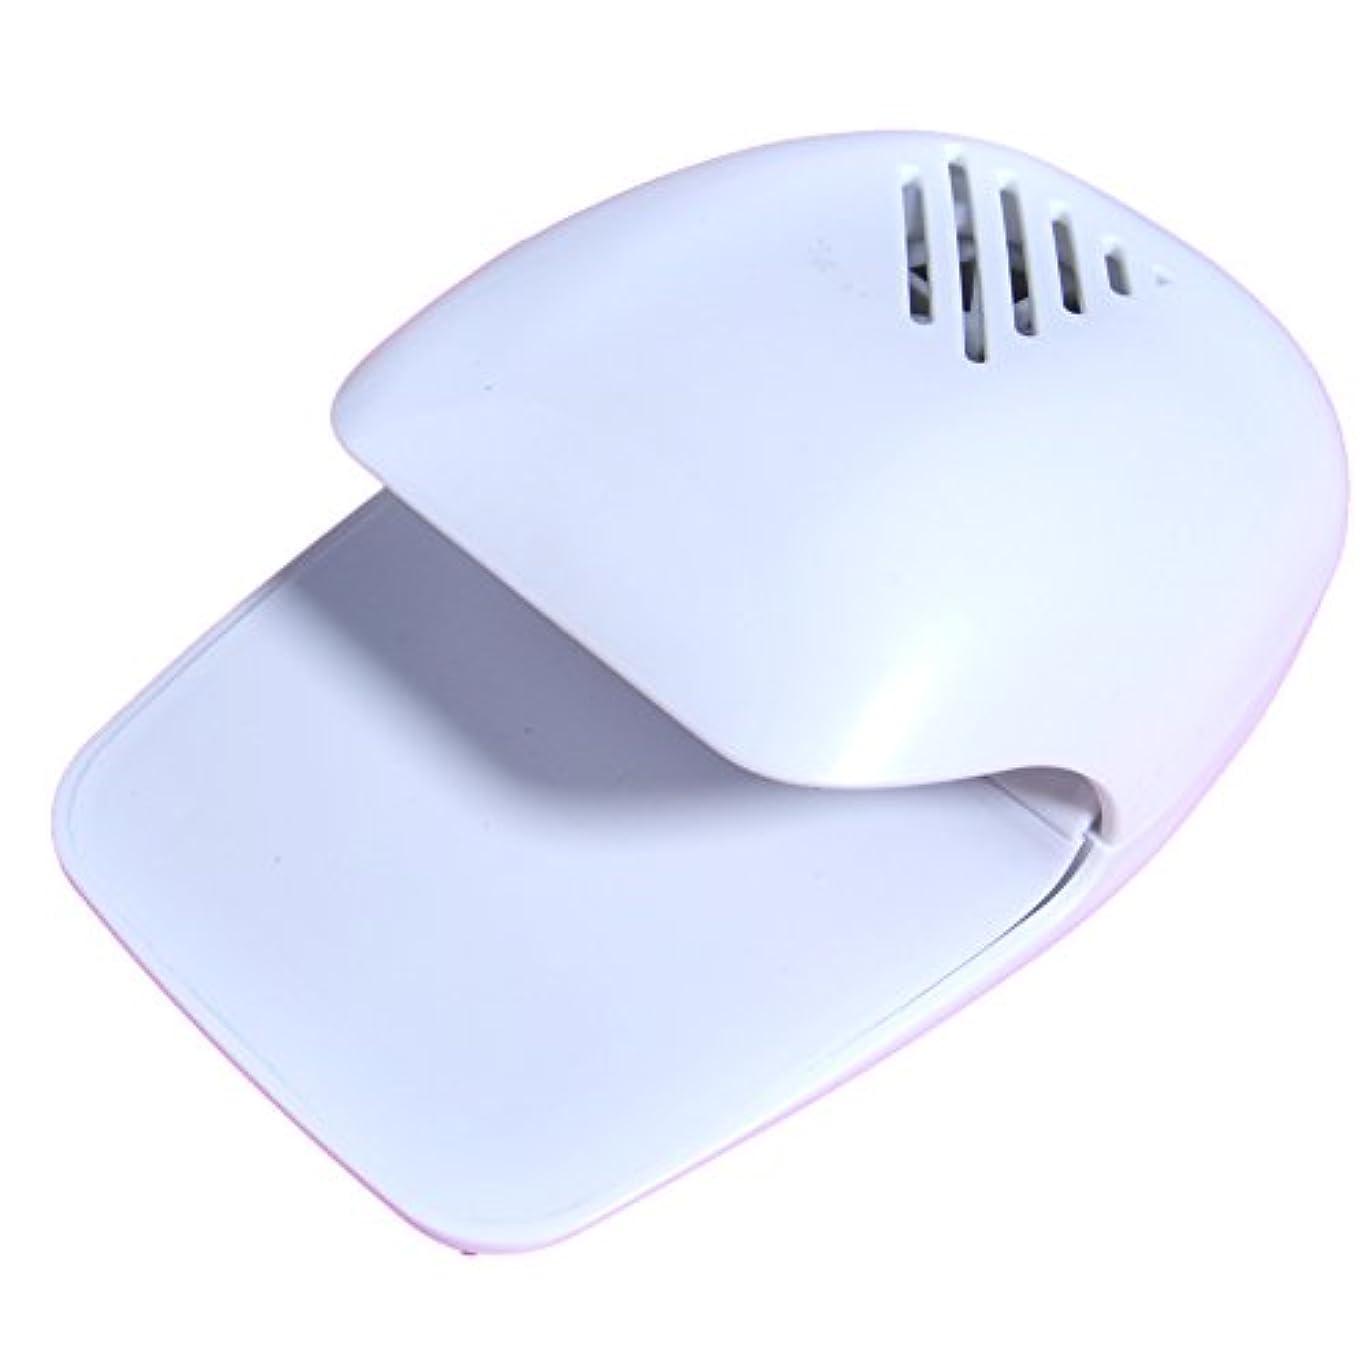 技術大脳流出ユニークモール(UniqueMall)風で優しくネイルを乾かす ネイル乾燥機 シャイニーネイルドライヤー マニキュア用 乾燥爪